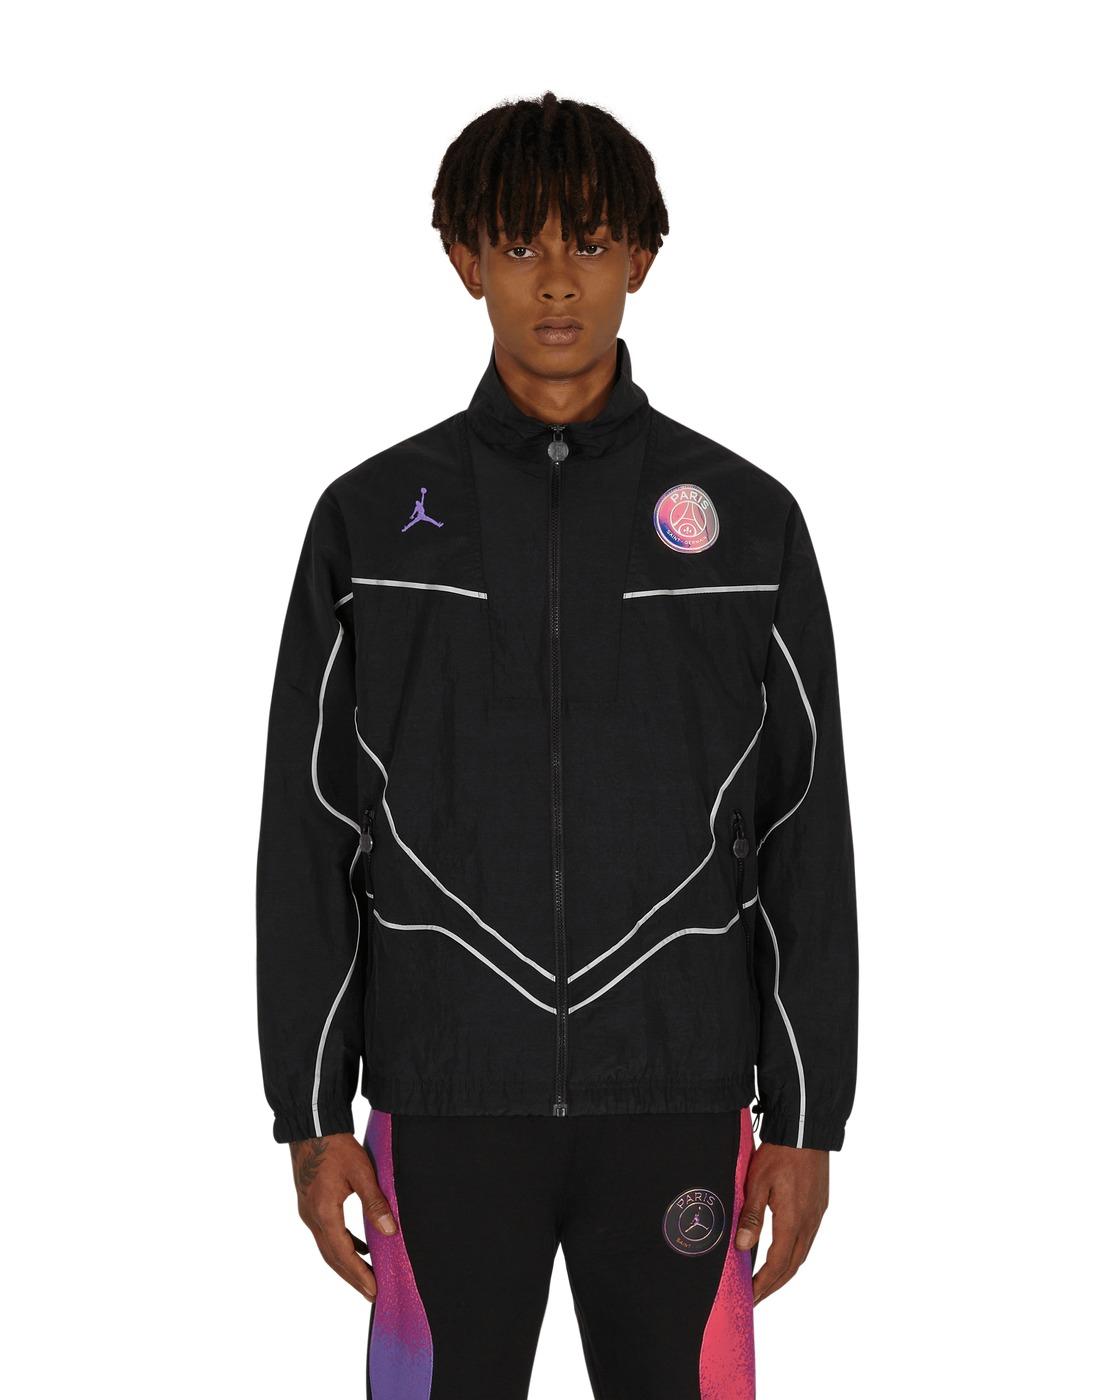 Photo: Nike Jordan Paris Saint Germain Anthem Jacket Black/Hyper Pink